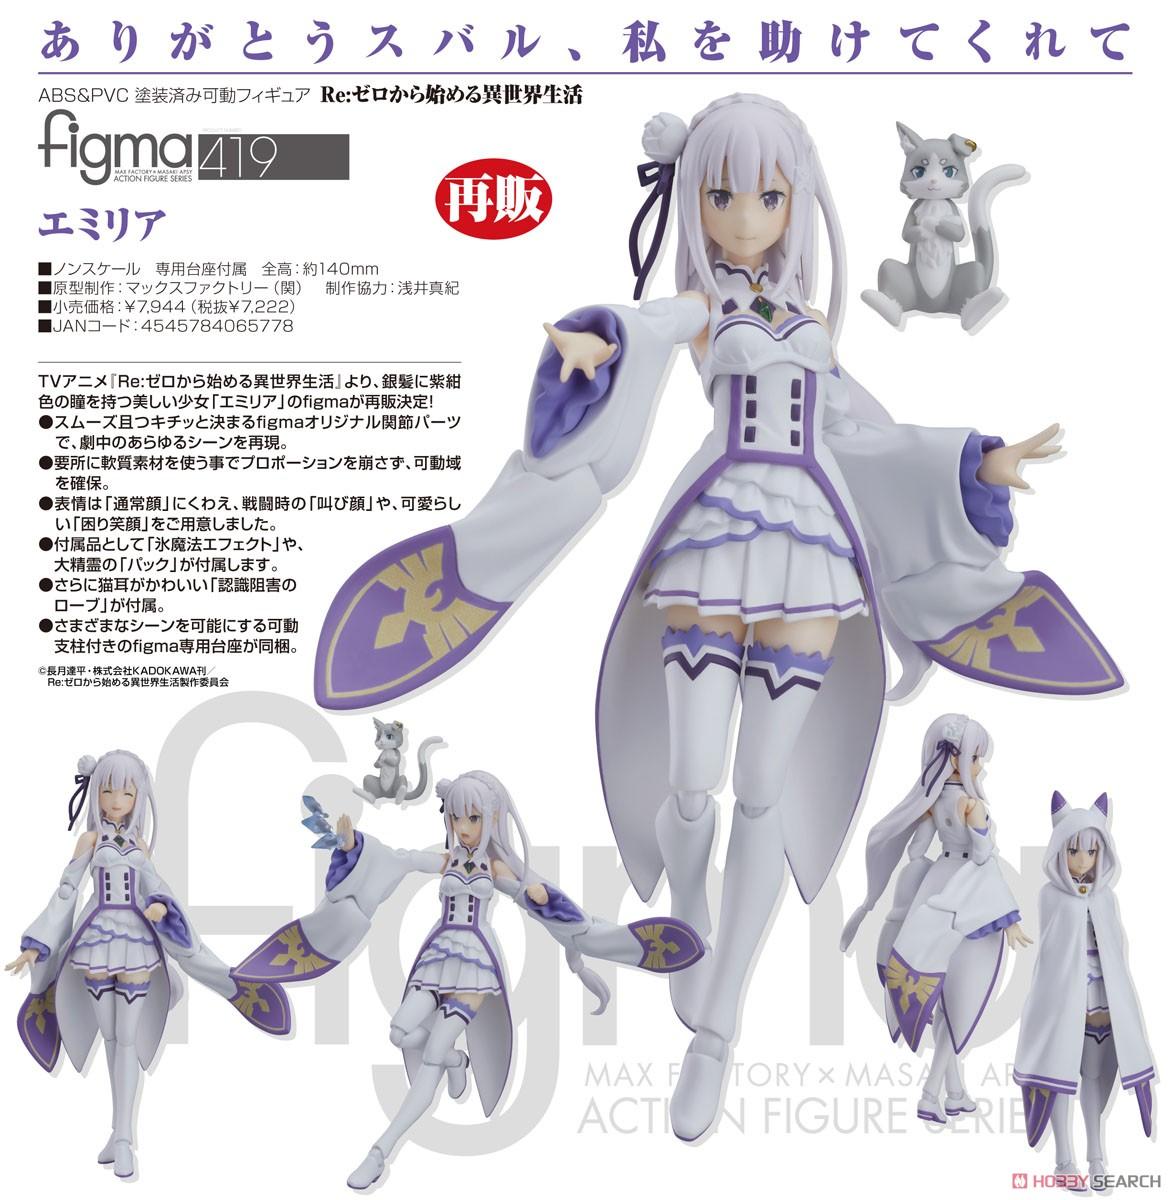 【再販】figma『エミリア』Re:ゼロから始める異世界生活 可動フィギュア-006